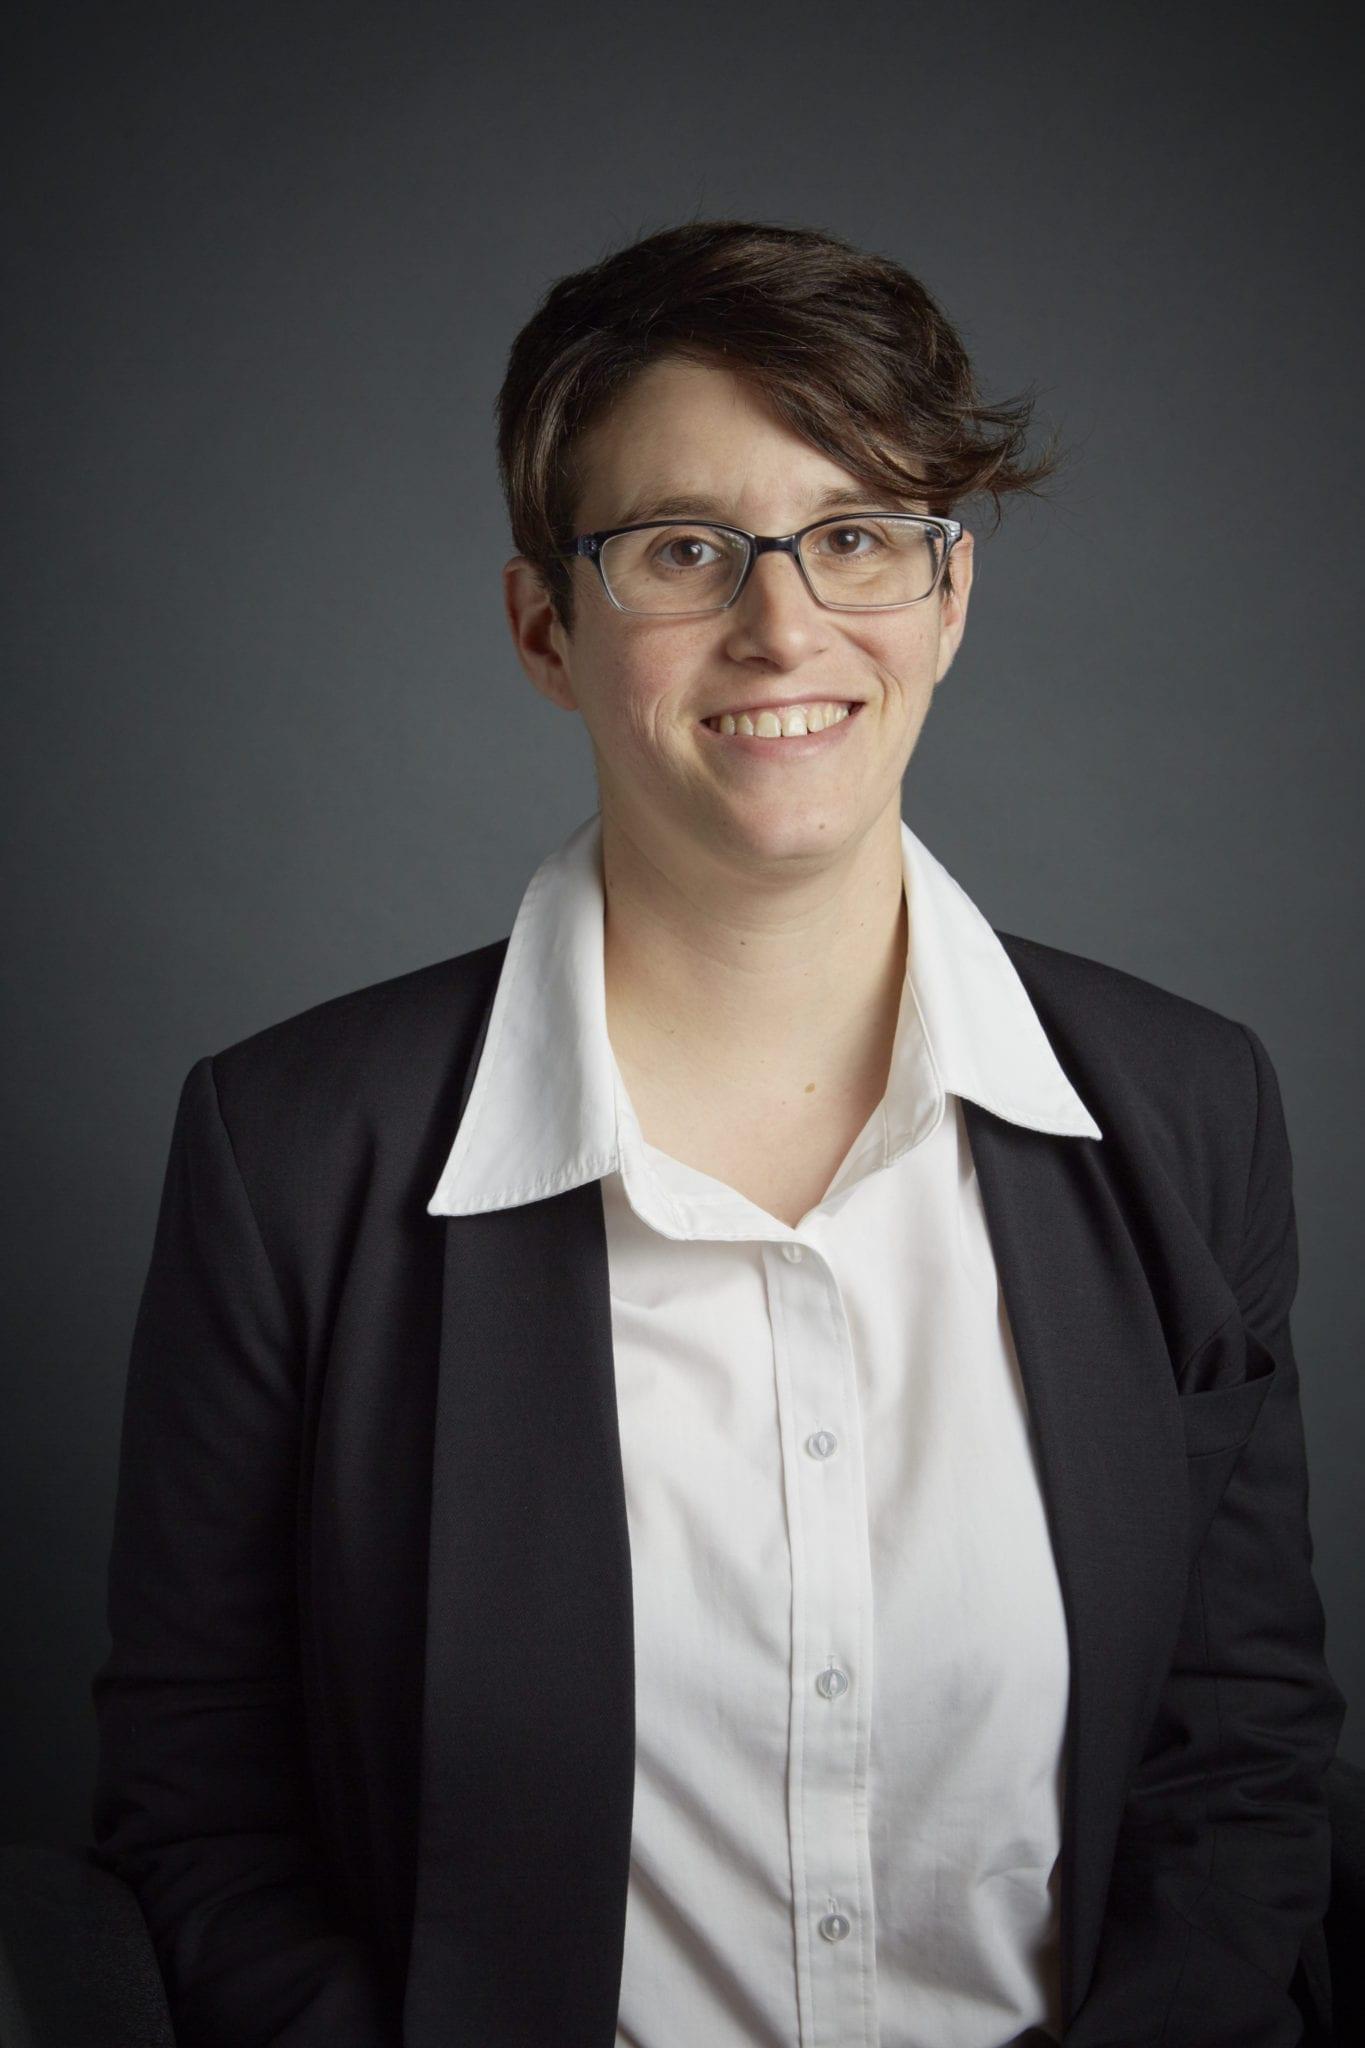 Jennifer Lav